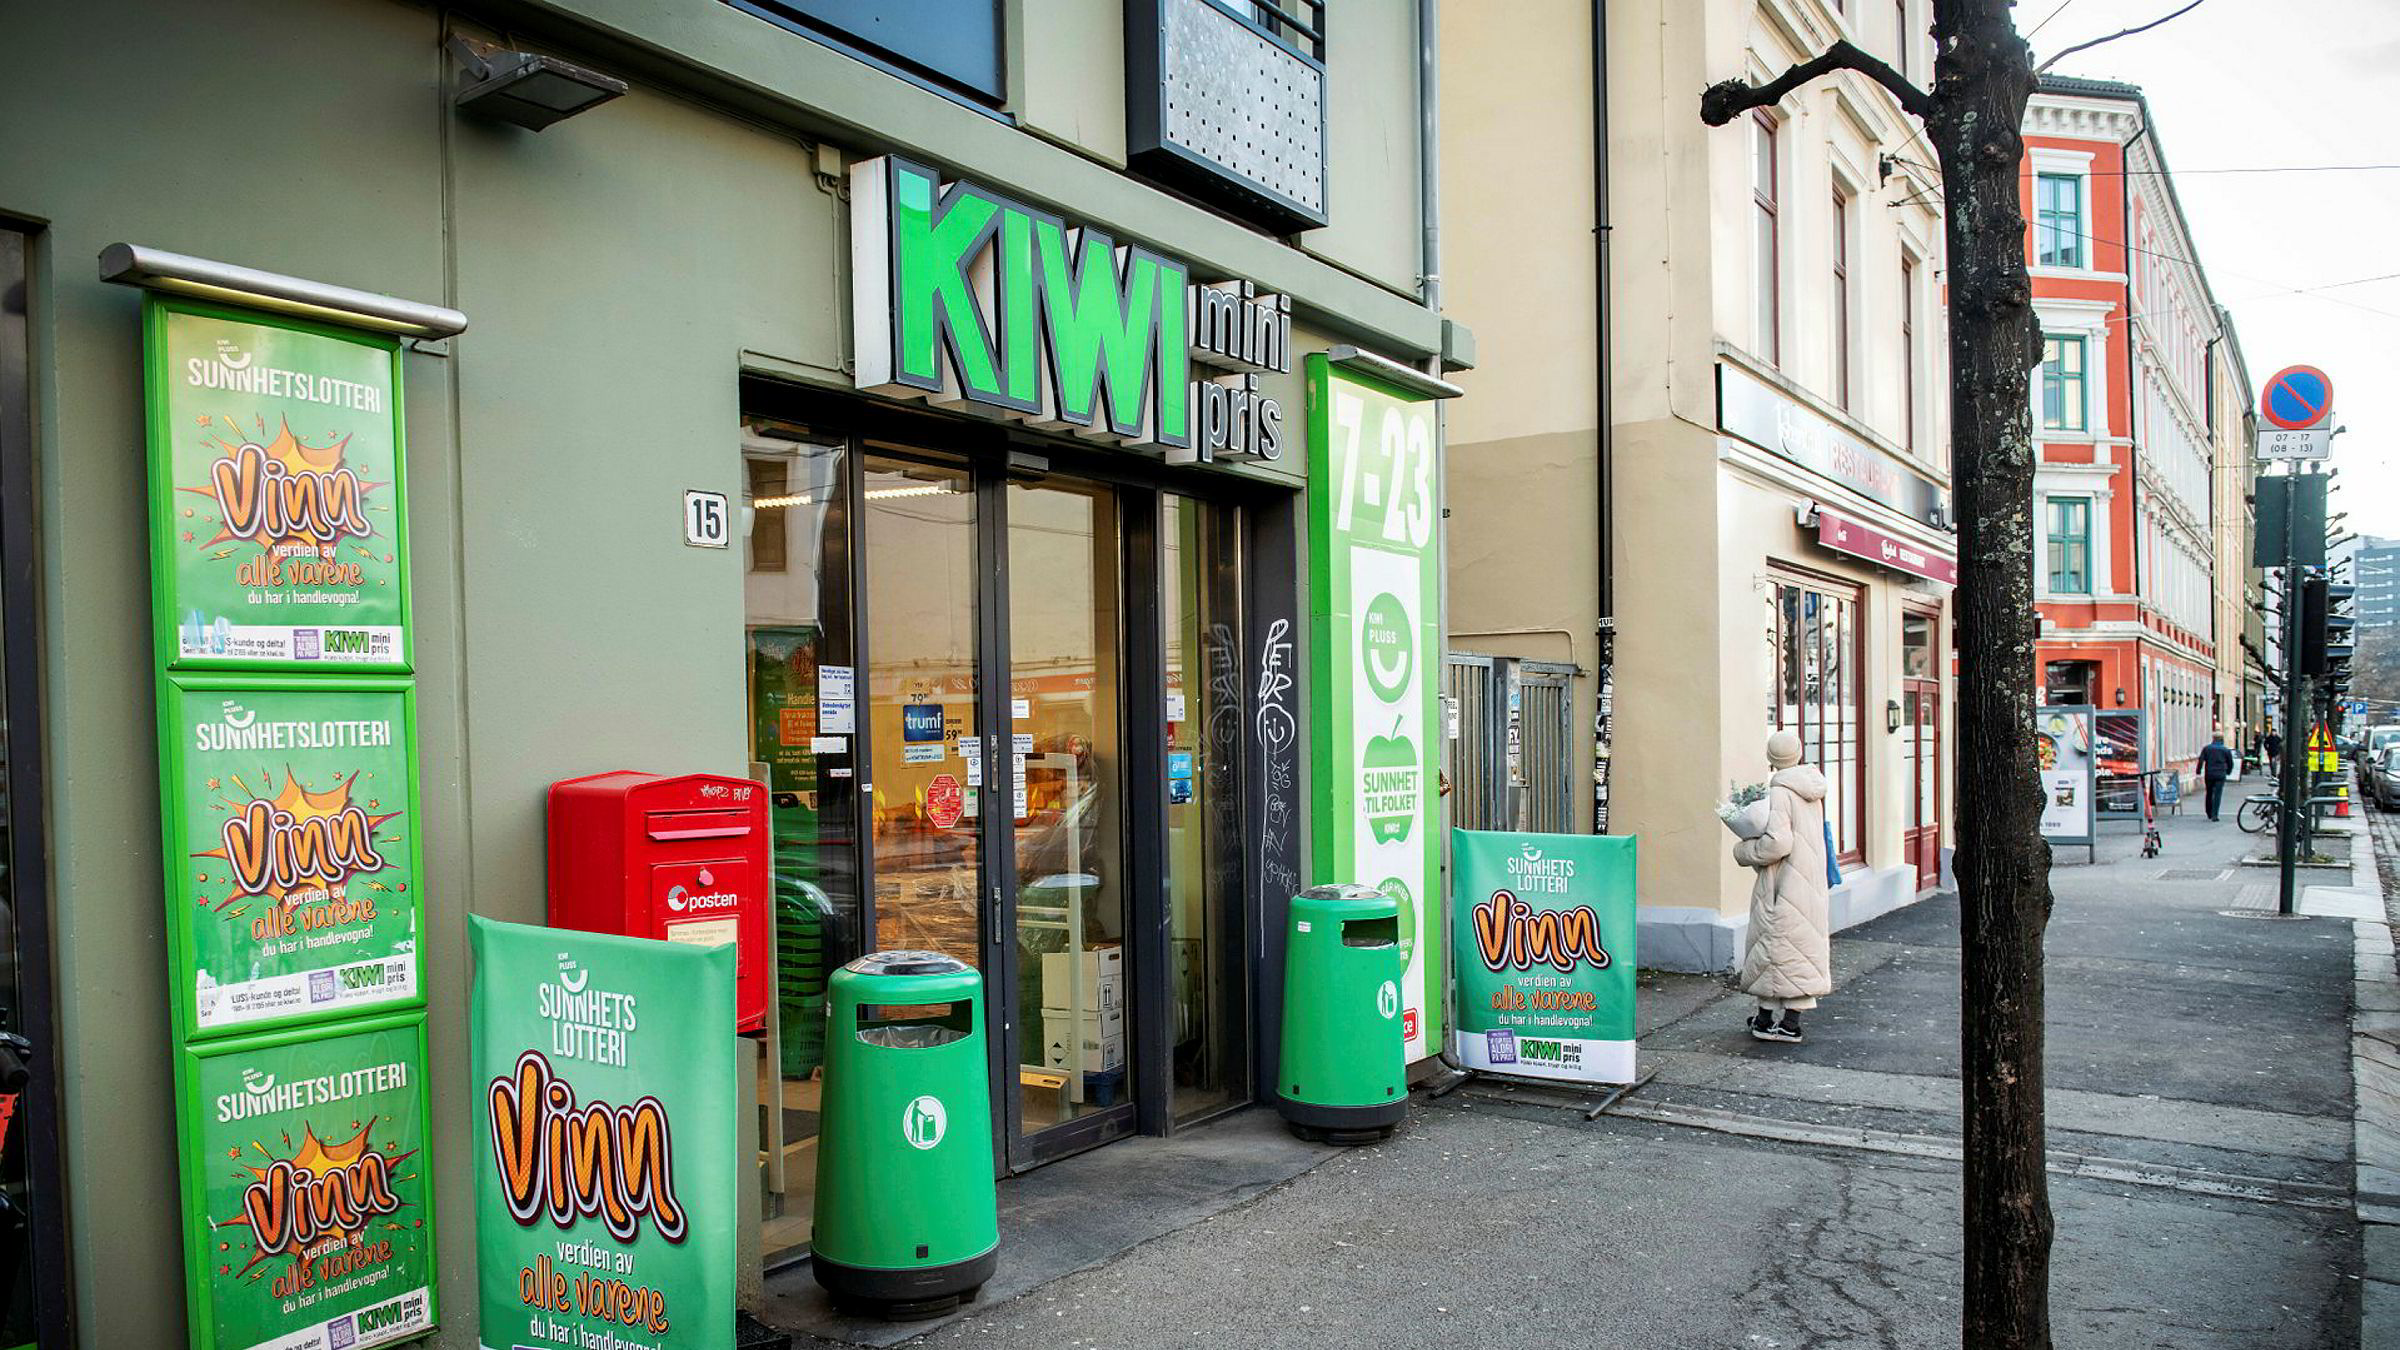 Dersom politikerne er villige til å gjøre små justeringer i reguleringene, kan det gjøre det norske dagligvaremarkedet litt mer attraktivt for gründere og utenlandske aktører.